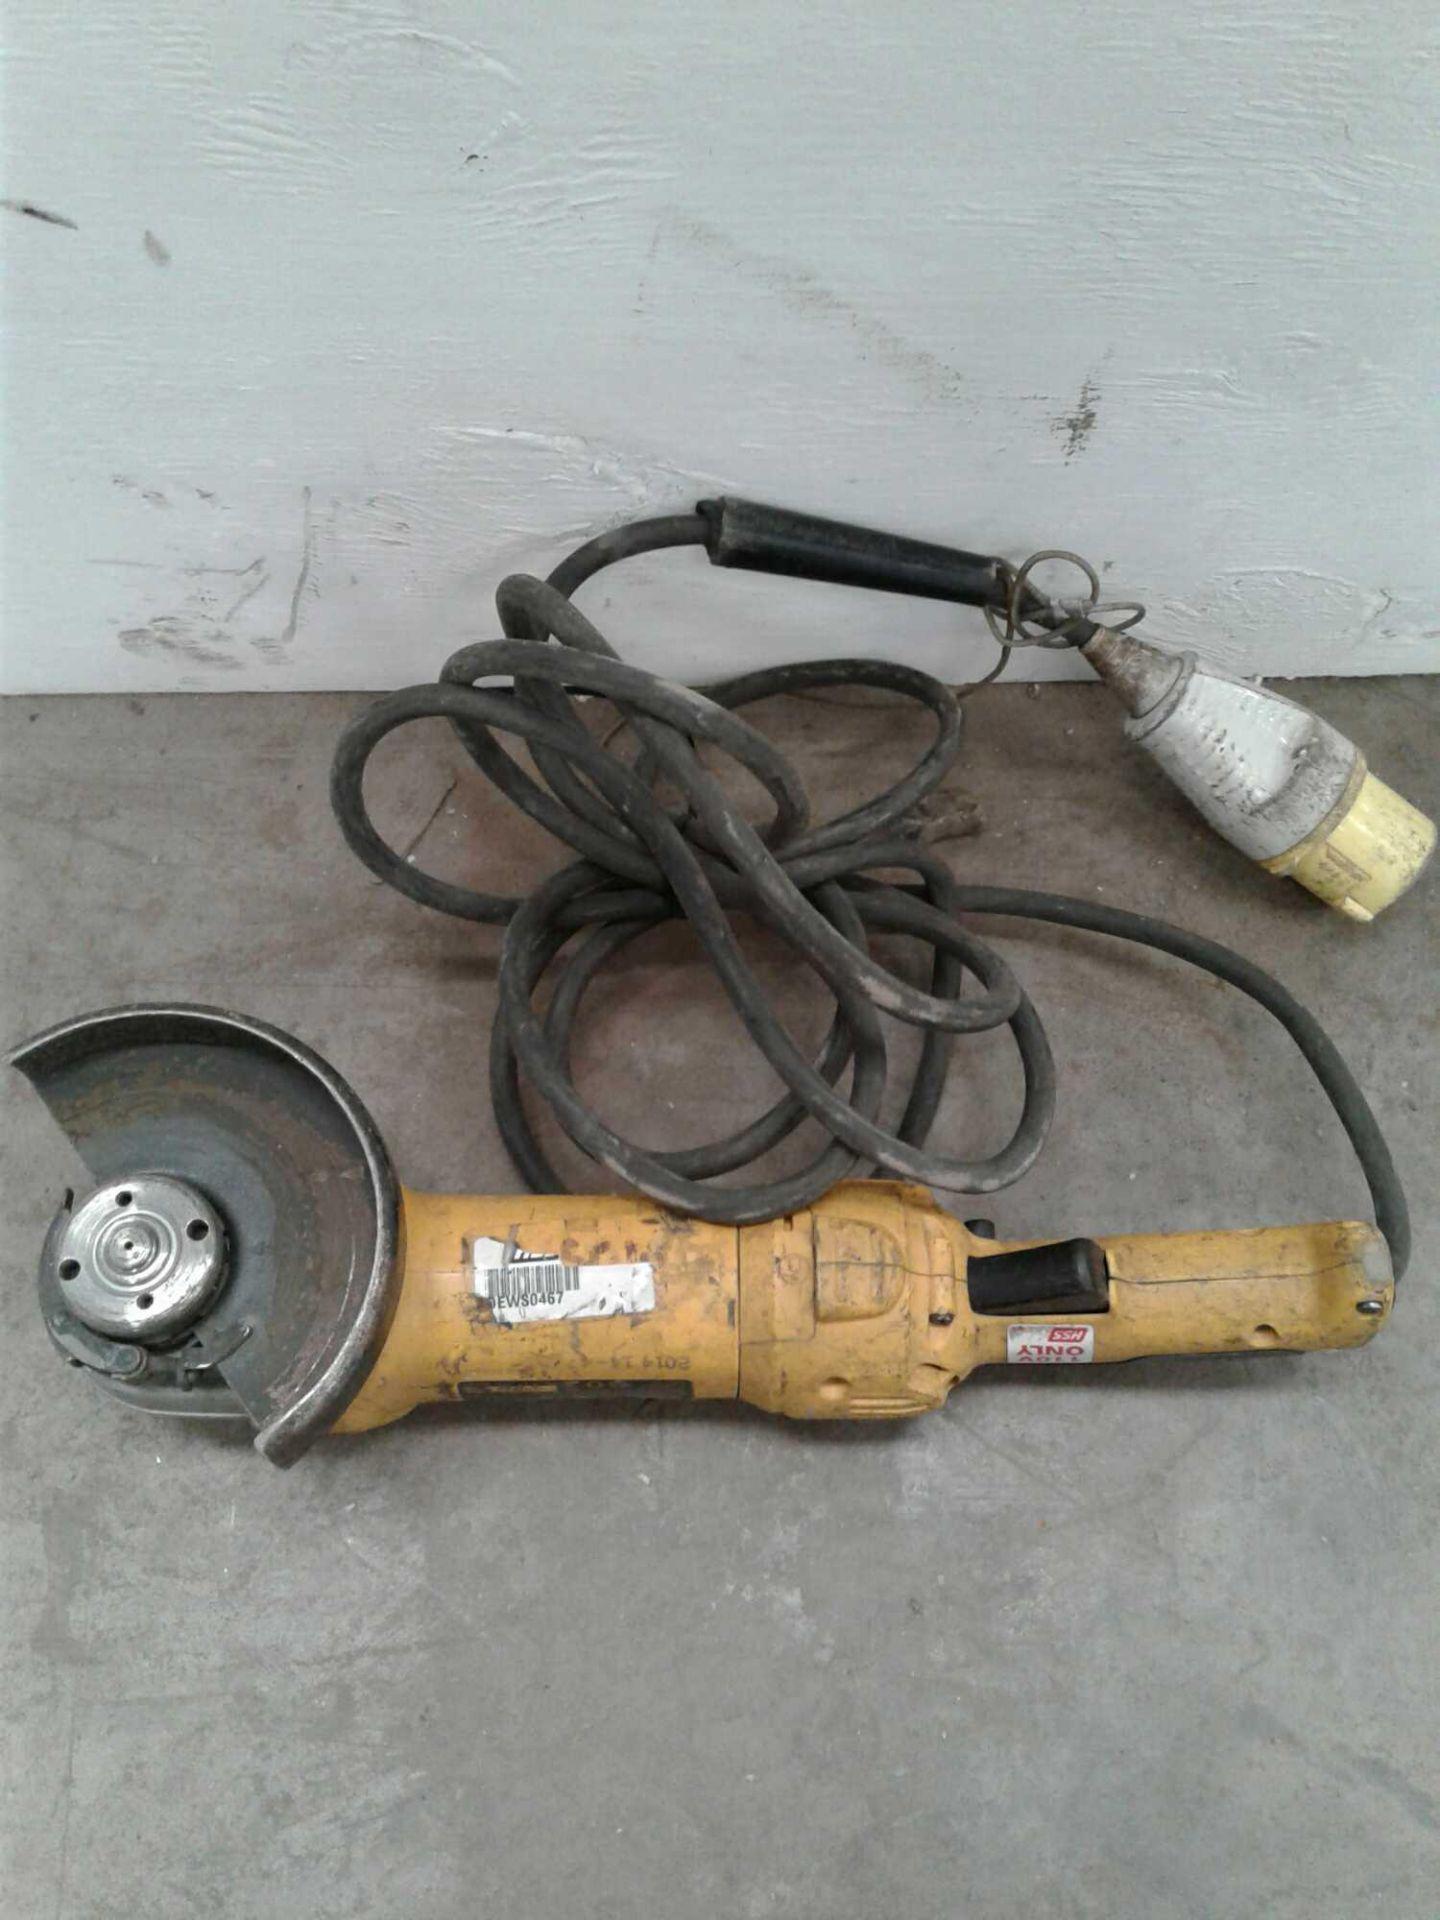 Lot 53 - DeWalt 4 inch angle grinder 110 V